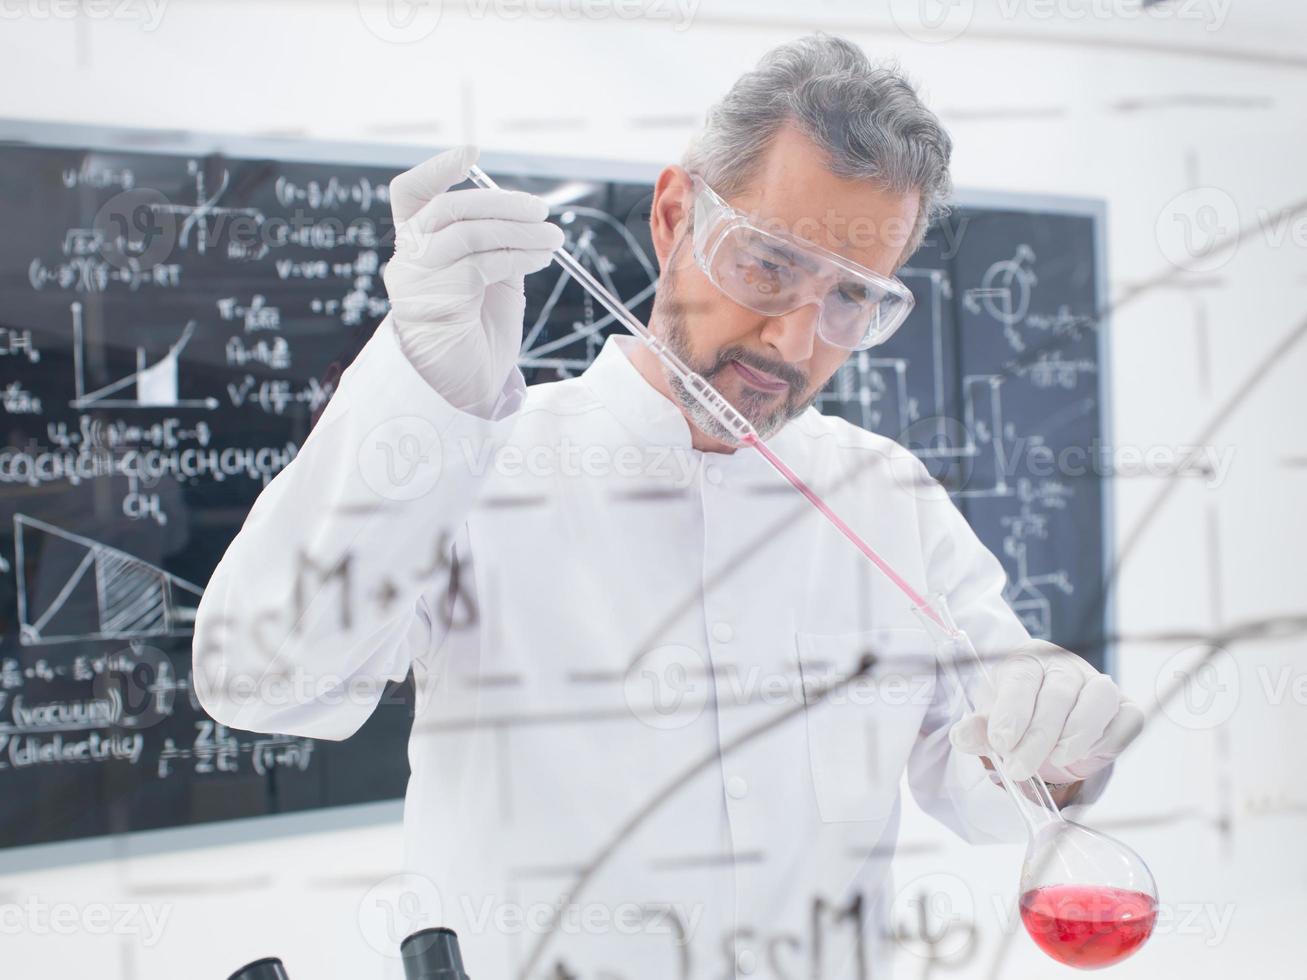 Wissenschaftler, der Experiment durchführt foto